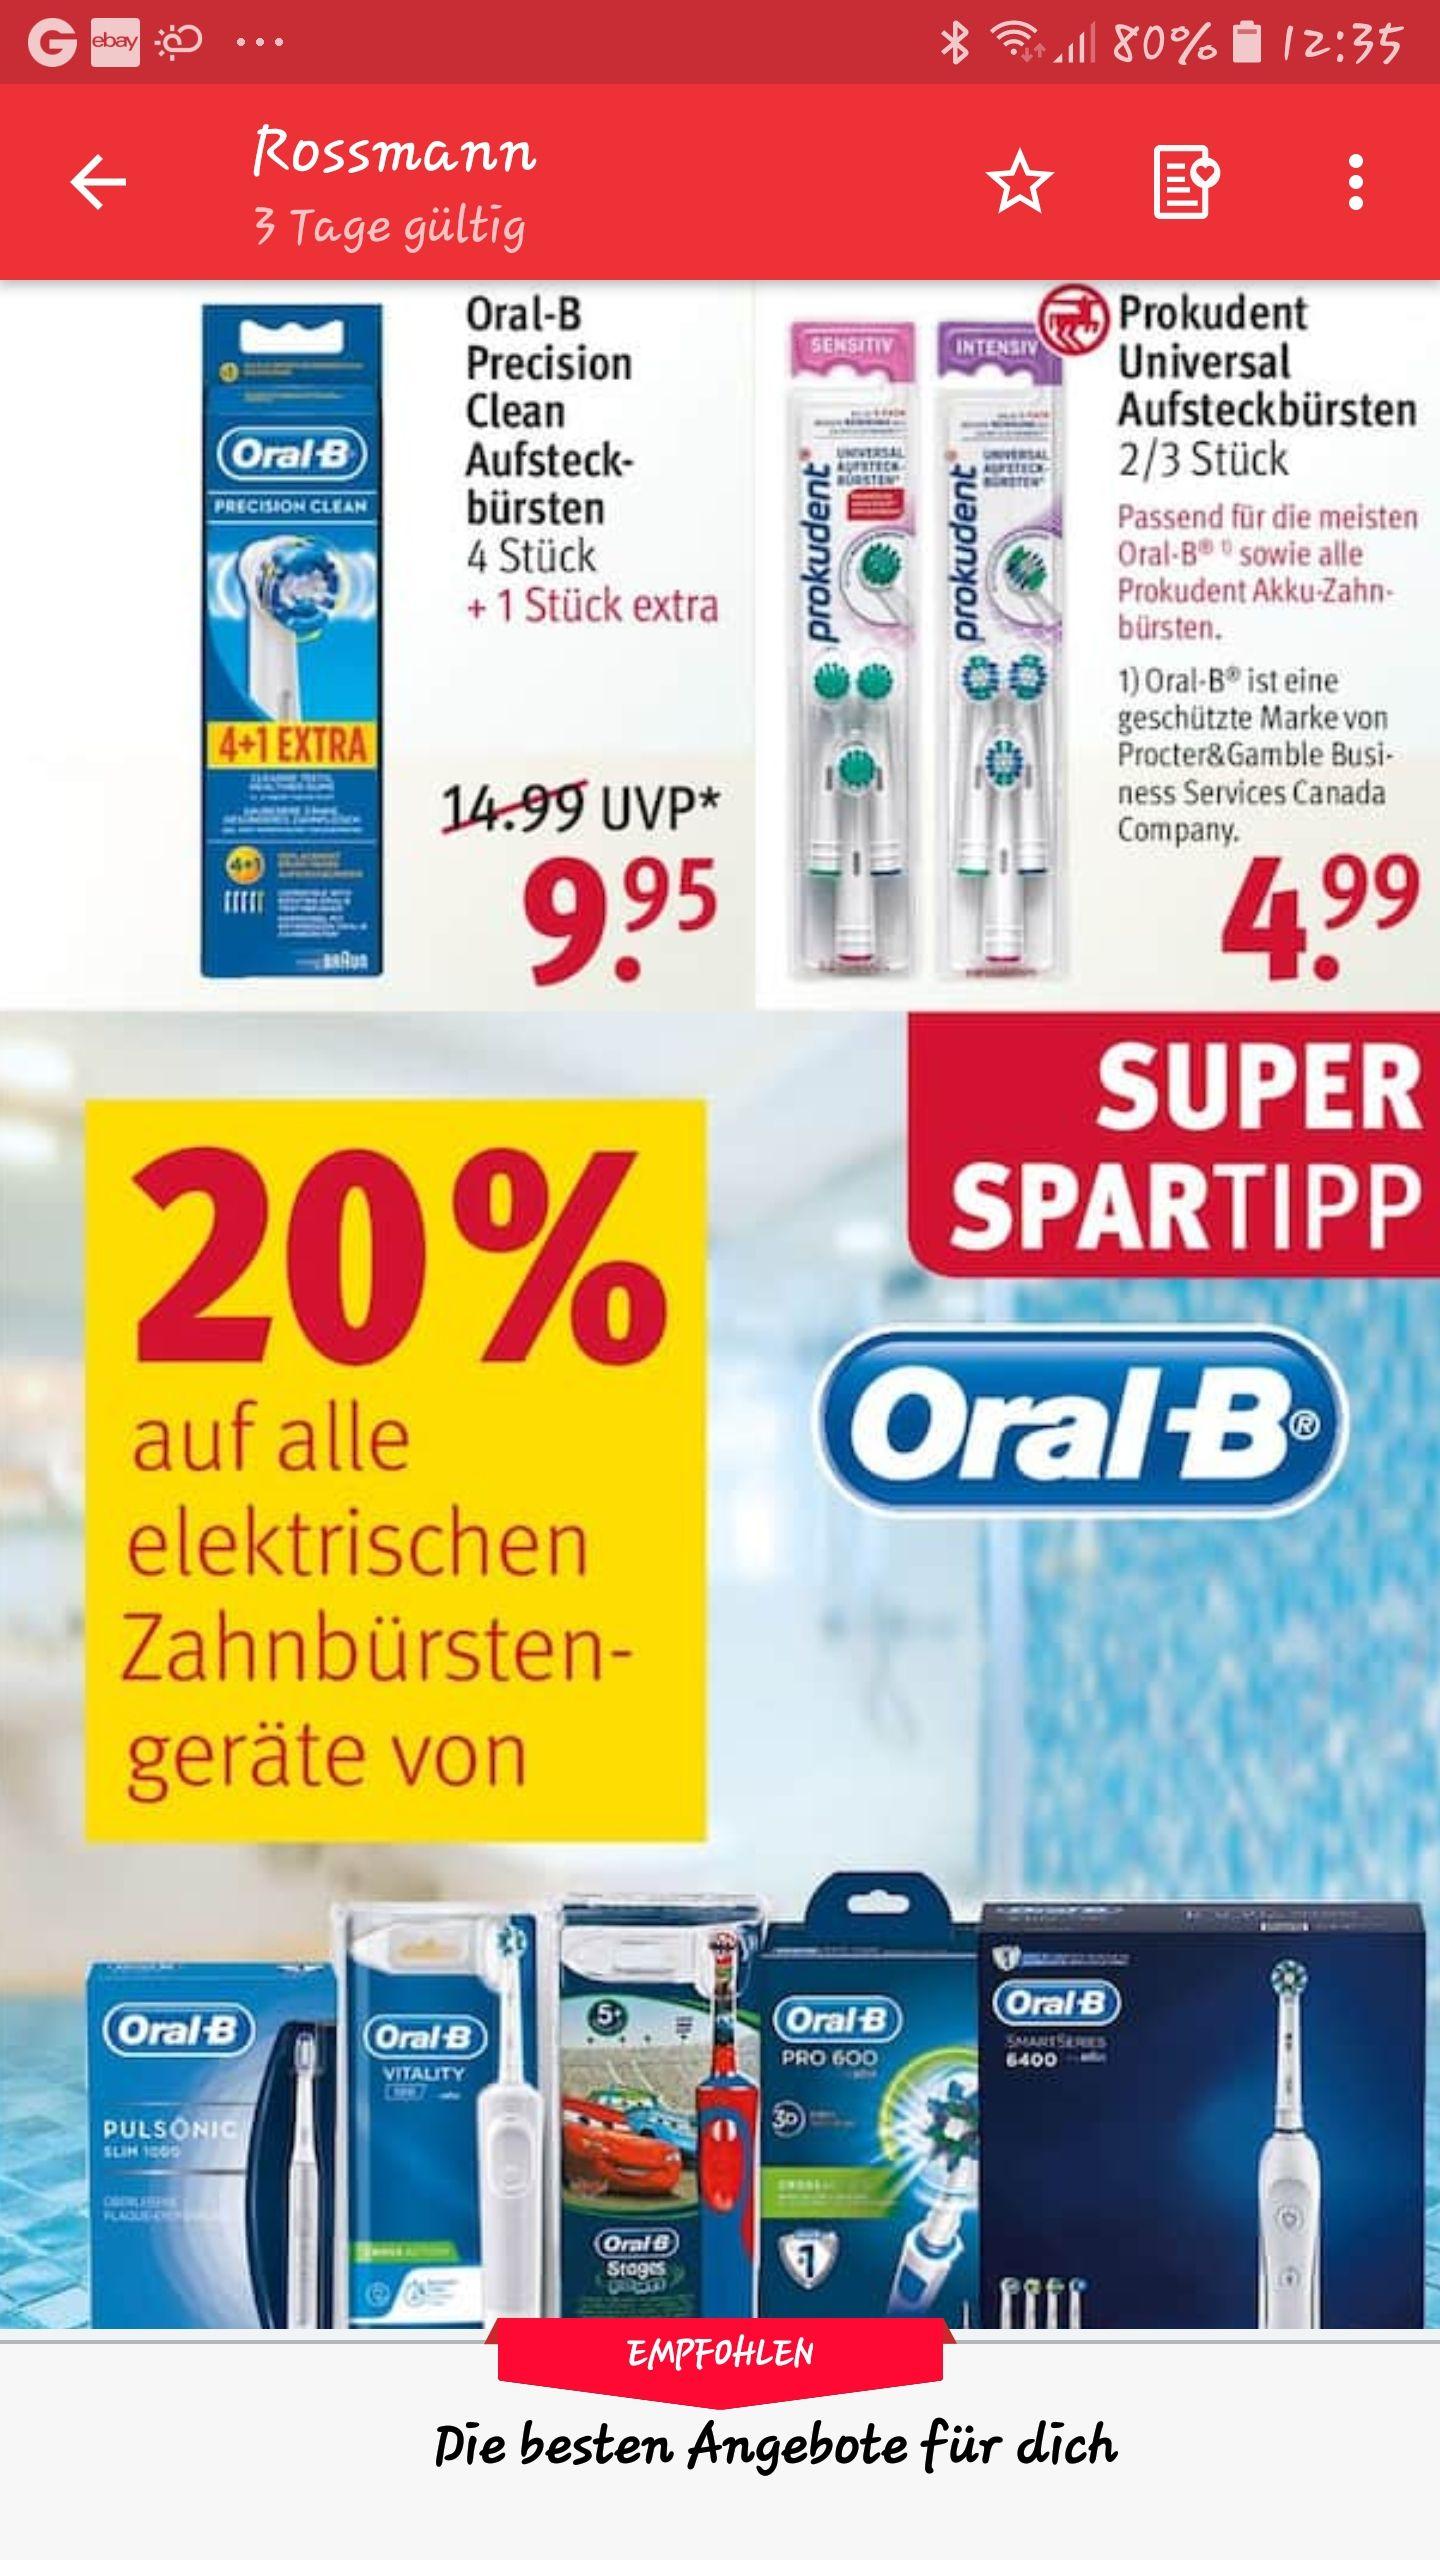 Oral B Aufsteckbürsten zwei Packungen. Angebotspreis + Oral B Coupon + 10% Rossmann App